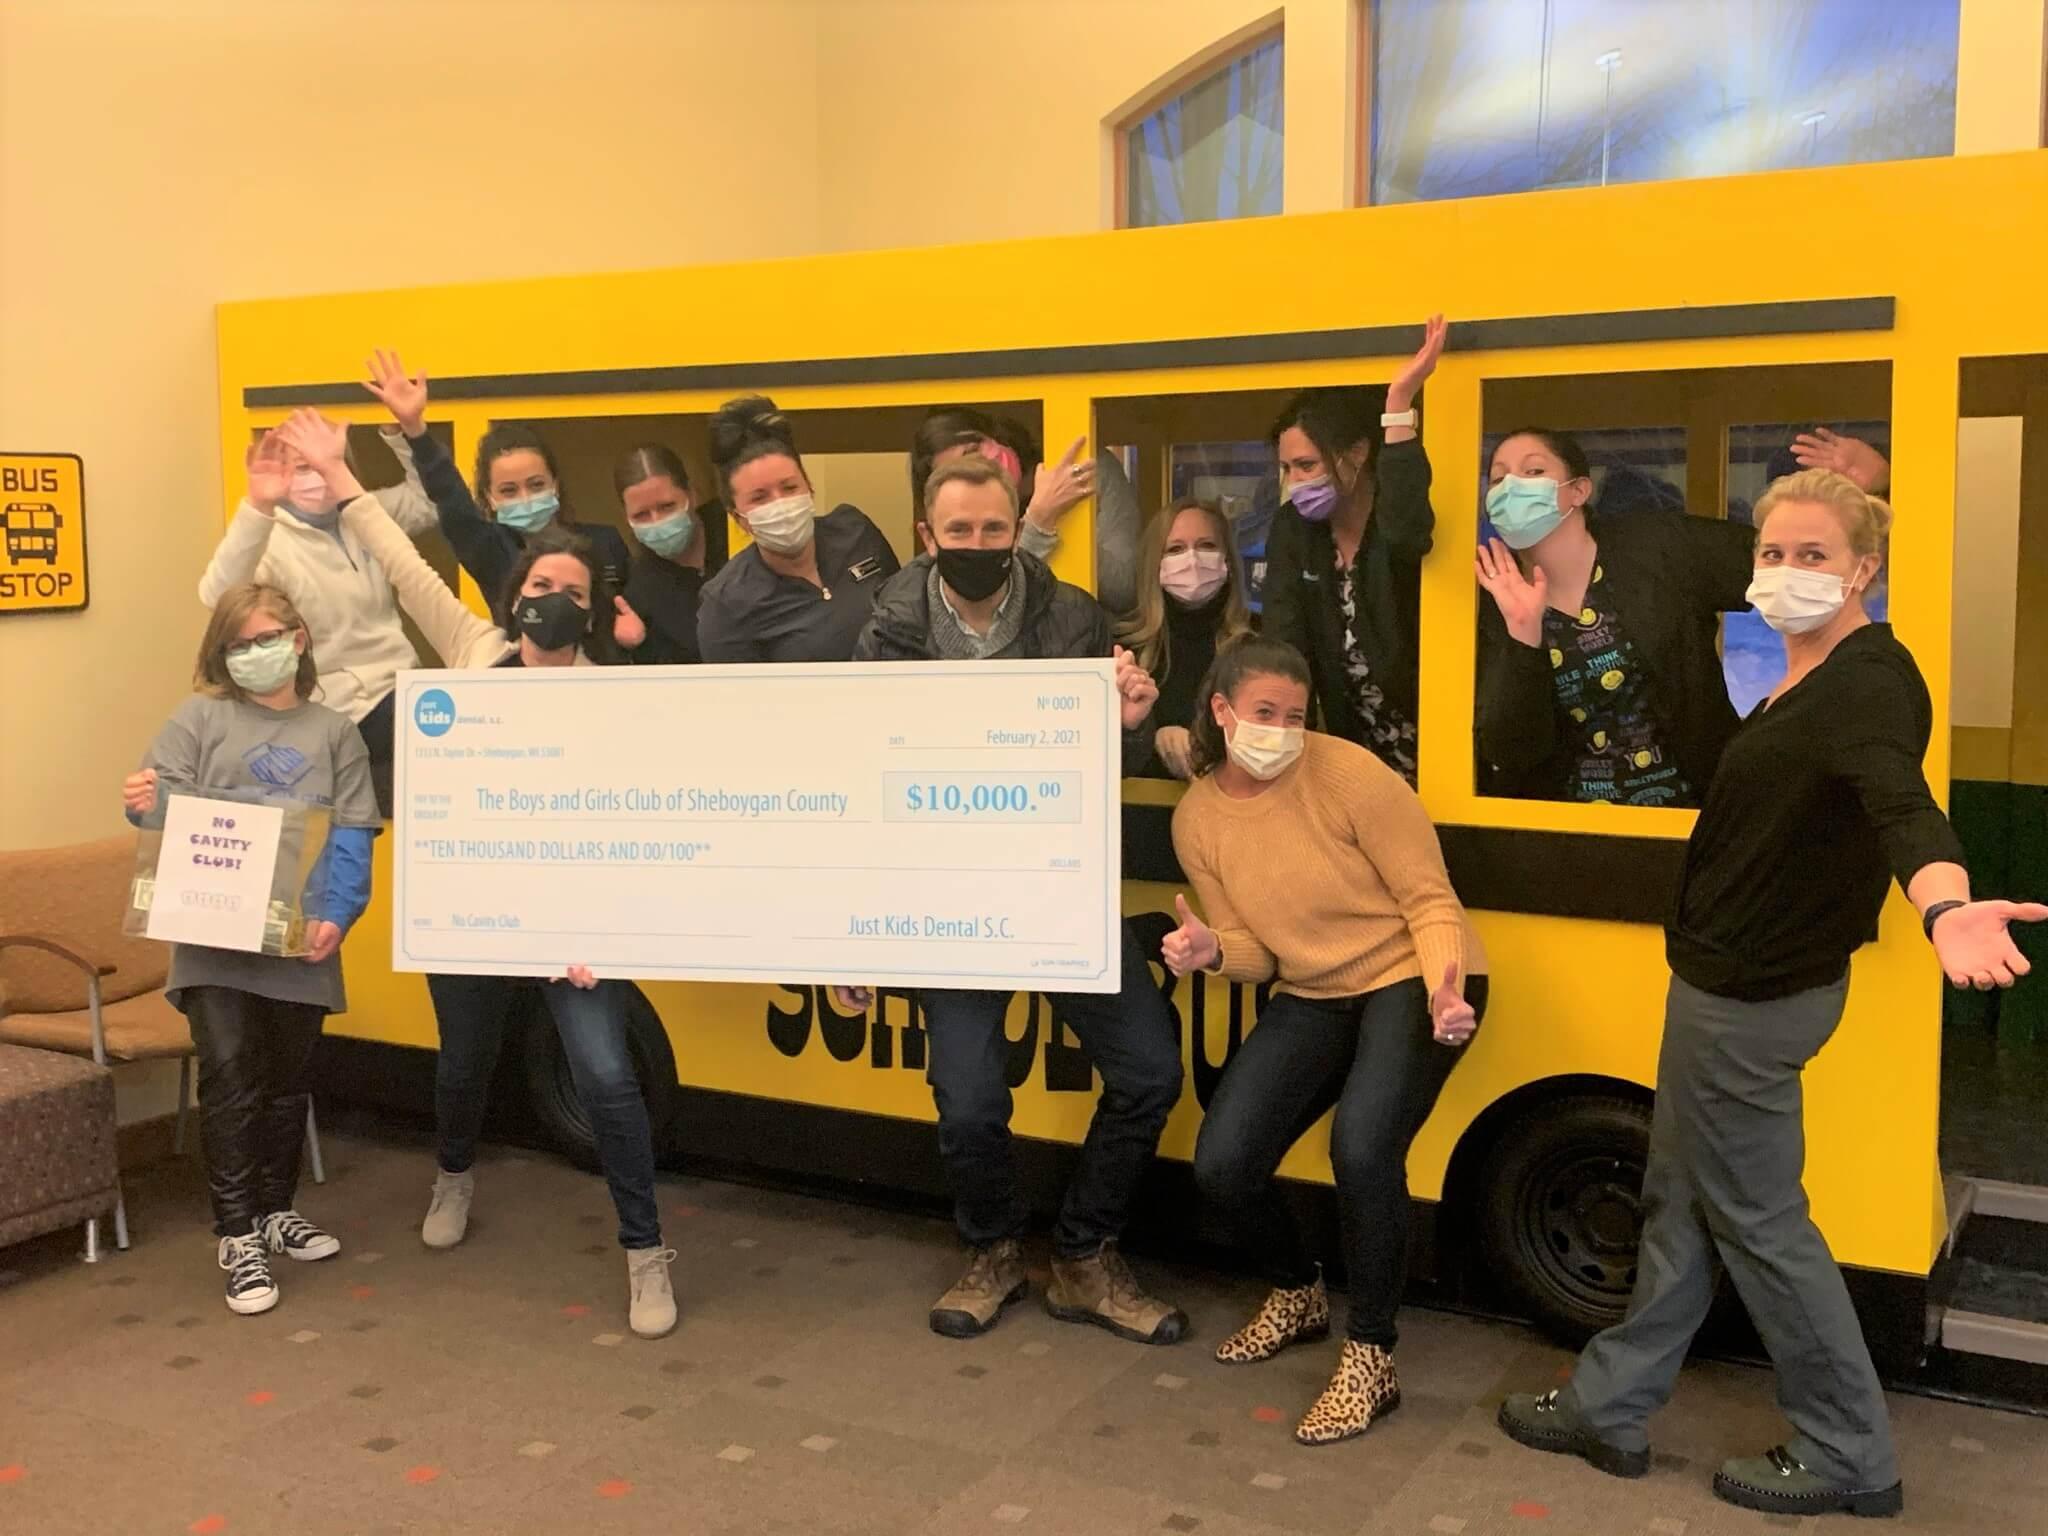 boys-girls-club-sheboygan-county-Bus